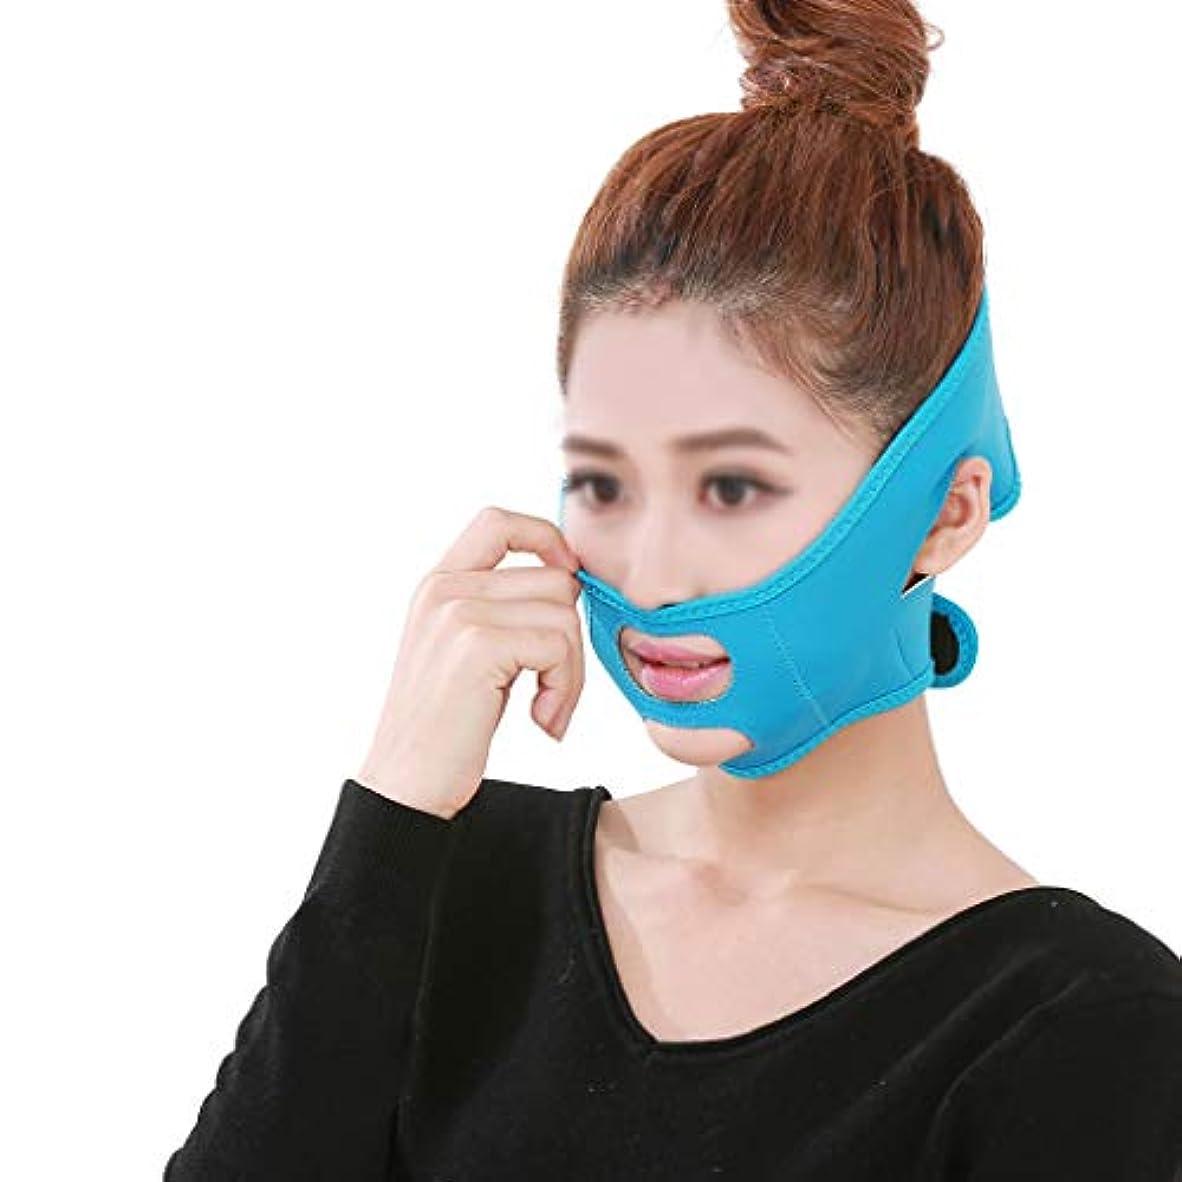 睡眠入る領事館GLJJQMY 顔の顔のマスク小さなV顔包帯薄い顔のアーティファクトは、二重顎リフト肌を減らす 顔用整形マスク